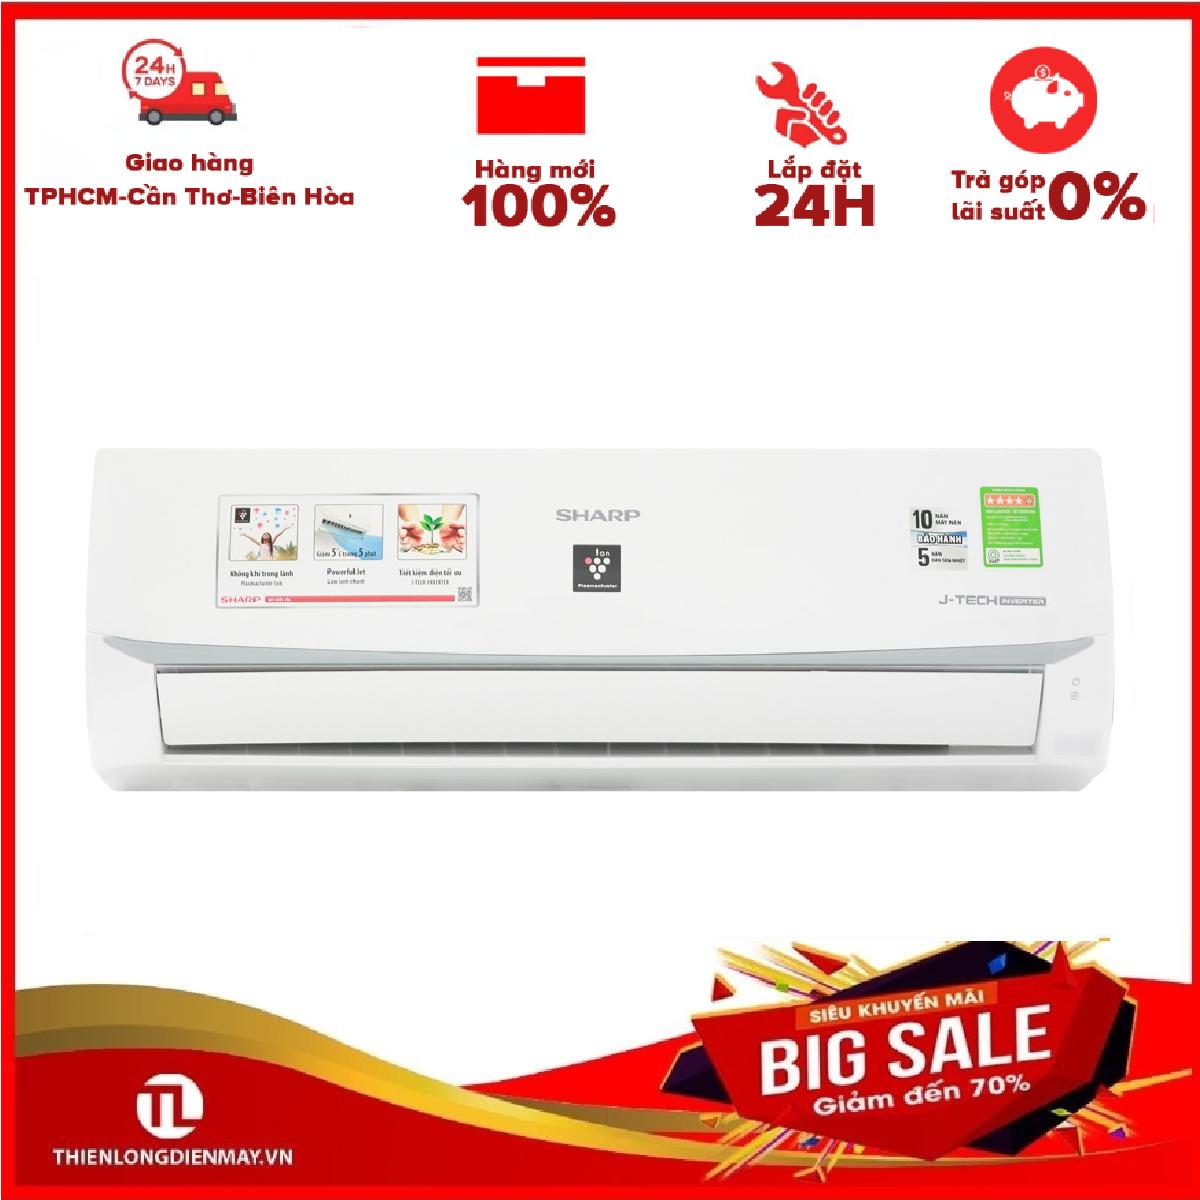 Ả GÓP 0% – Máy lạnh Sharp Inverter 1.5 HP AH-XP13WMW – Hàng mới 100% – Bảo hành 12 tháng